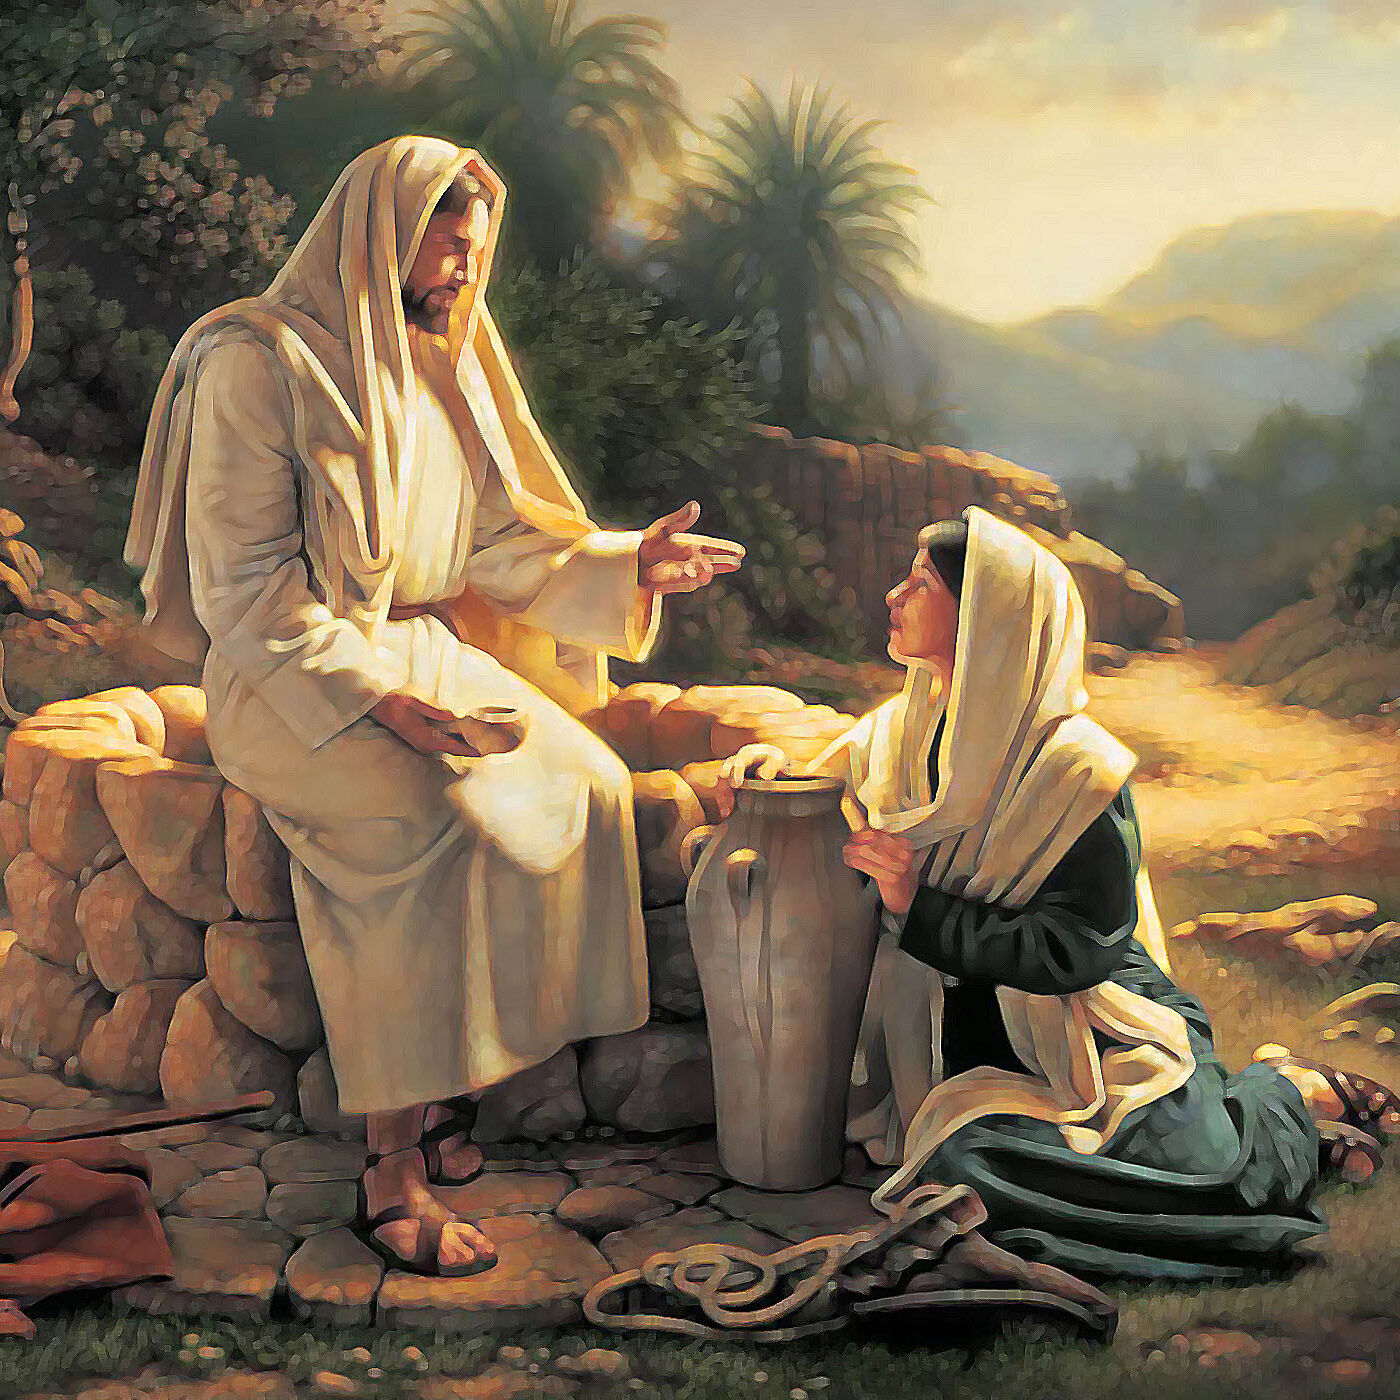 riflessioni sul Vangelo di Giovedì 17 Giugno 2021 (Mt 6, 7-15) - Apostola Michela